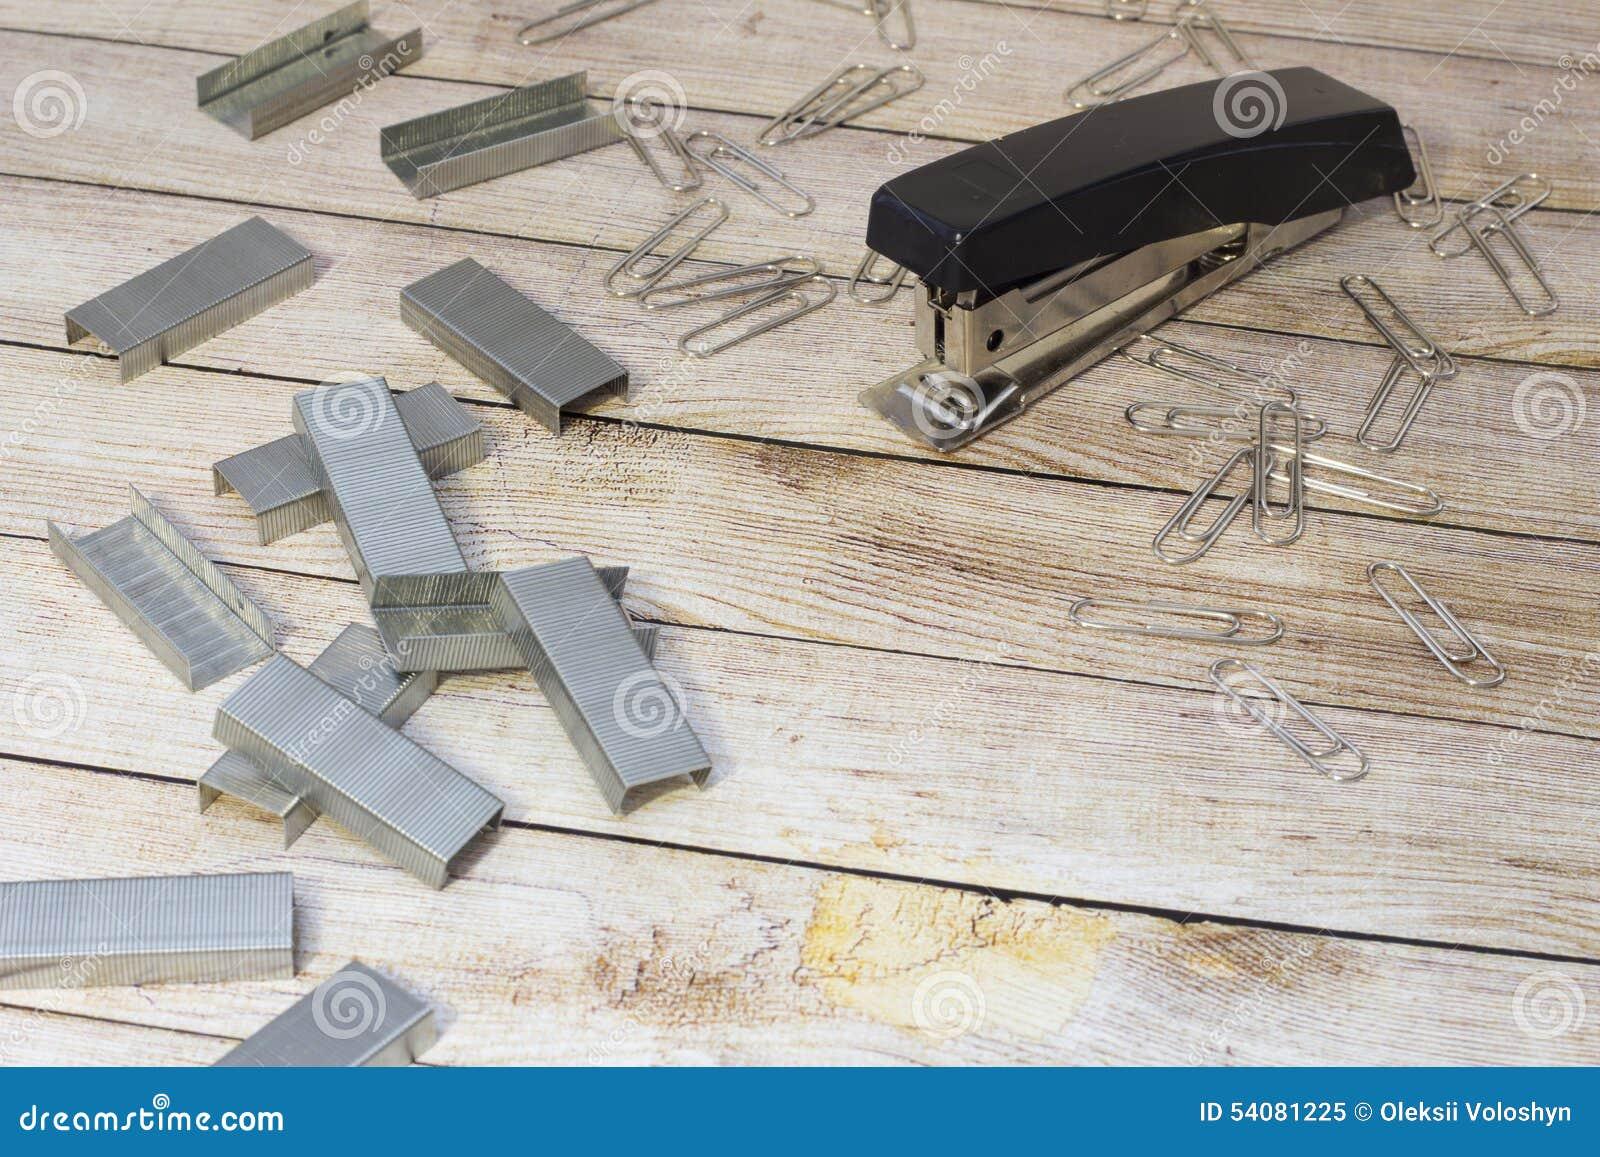 Nietmachine op het bureau